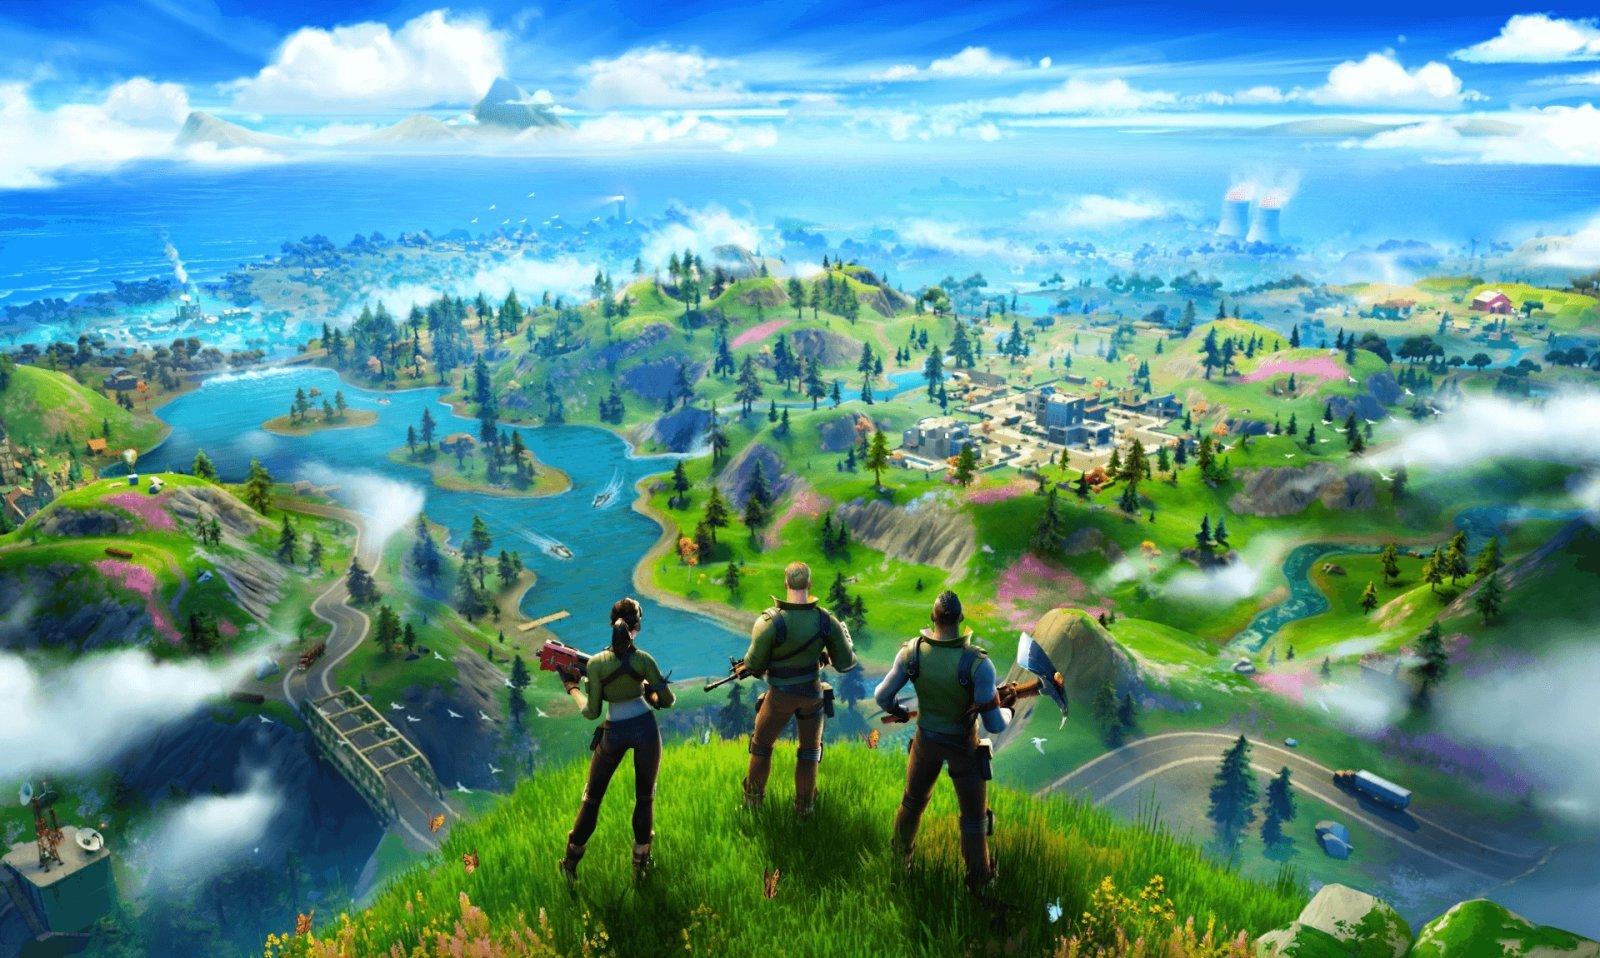 Fortnite Phiên bản cập nhật 2.56 Ghi chú bản vá đầy đủ (PS4, Xbox One, PC, Nintendo Switch) 3